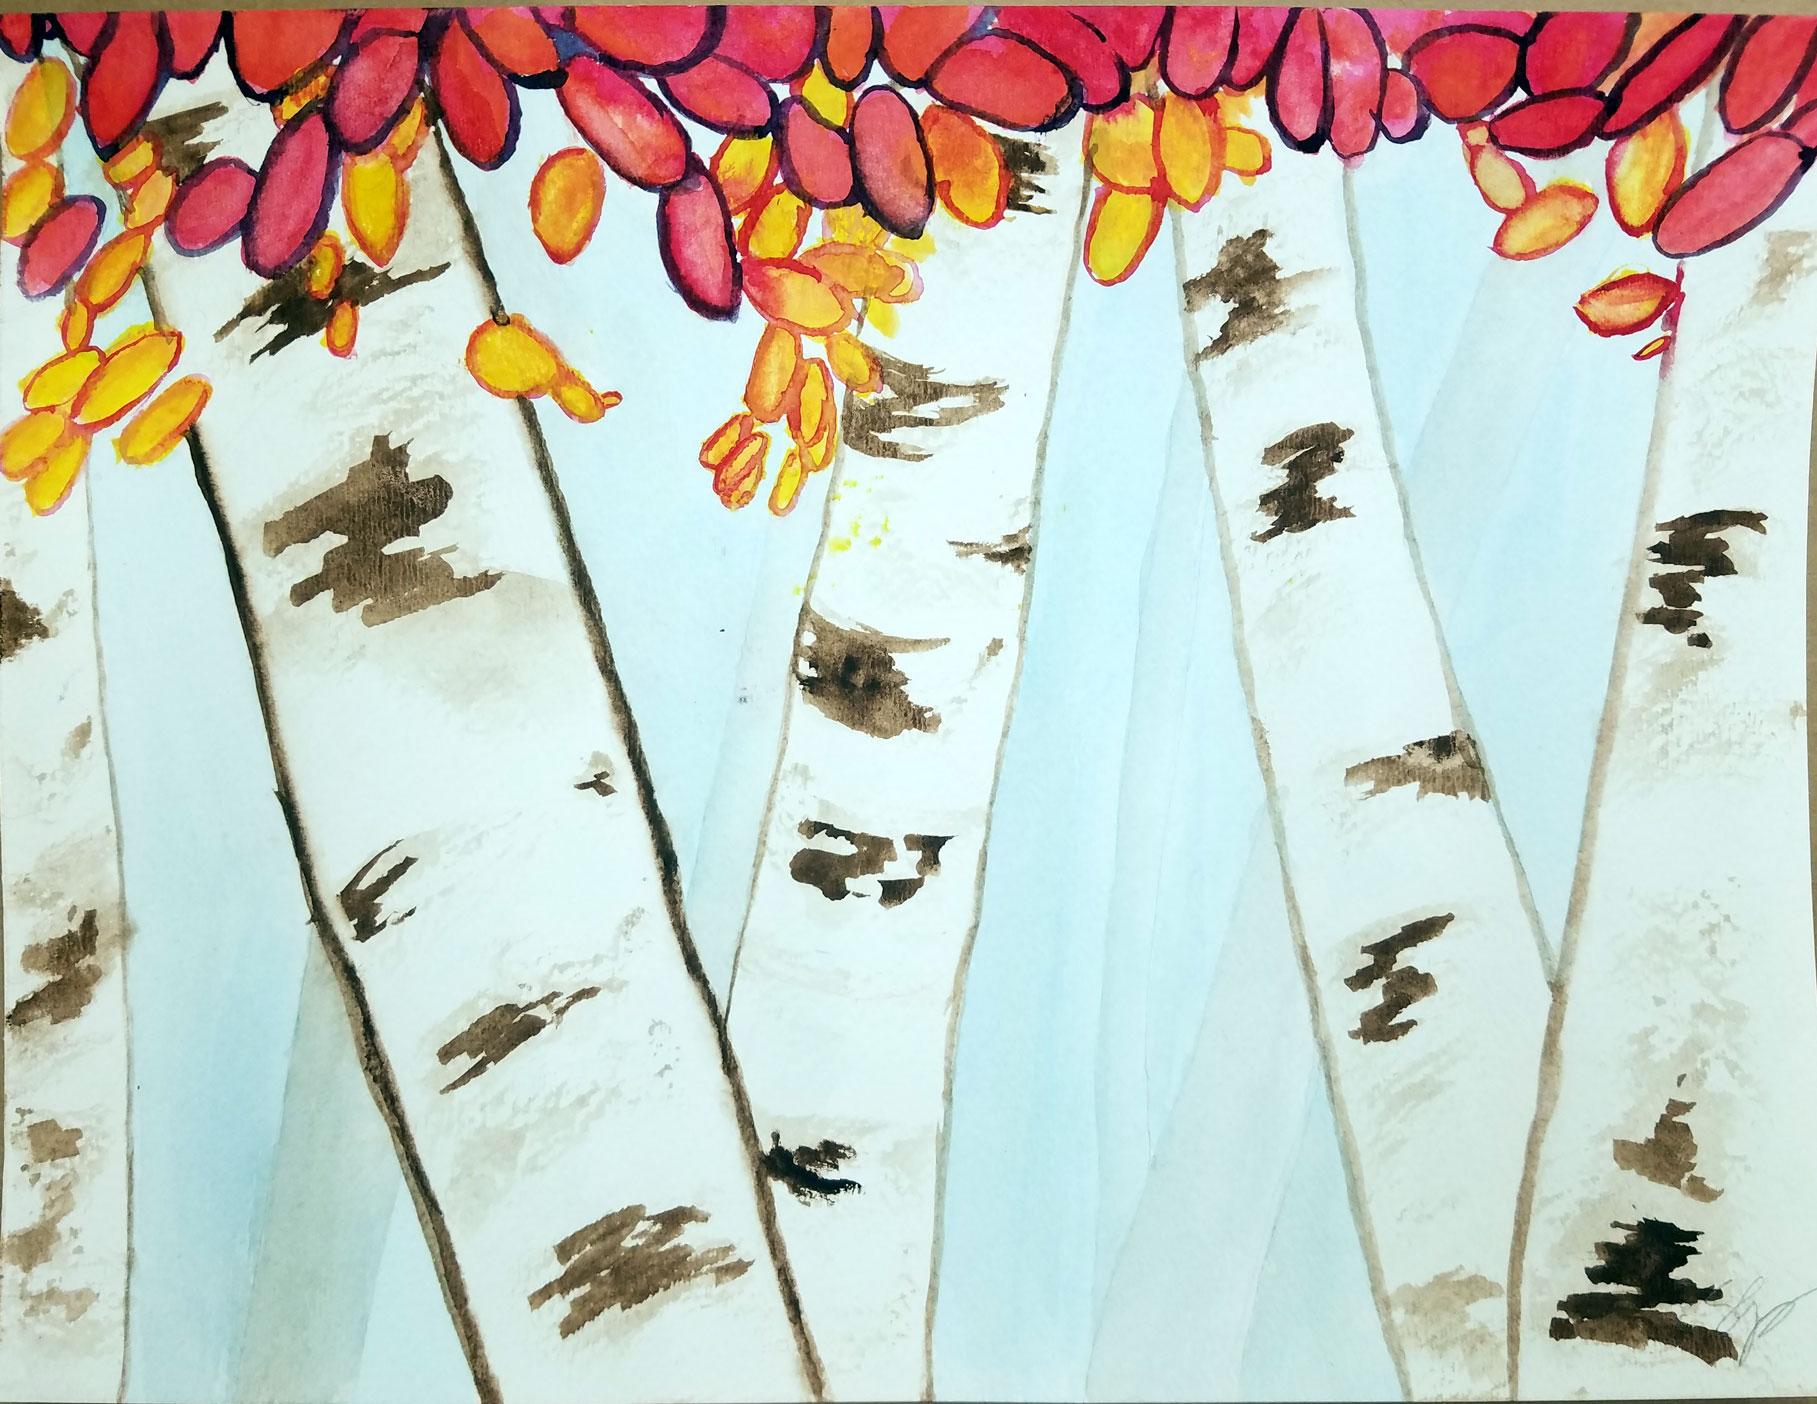 Autumn-Birch-Trees.jpg